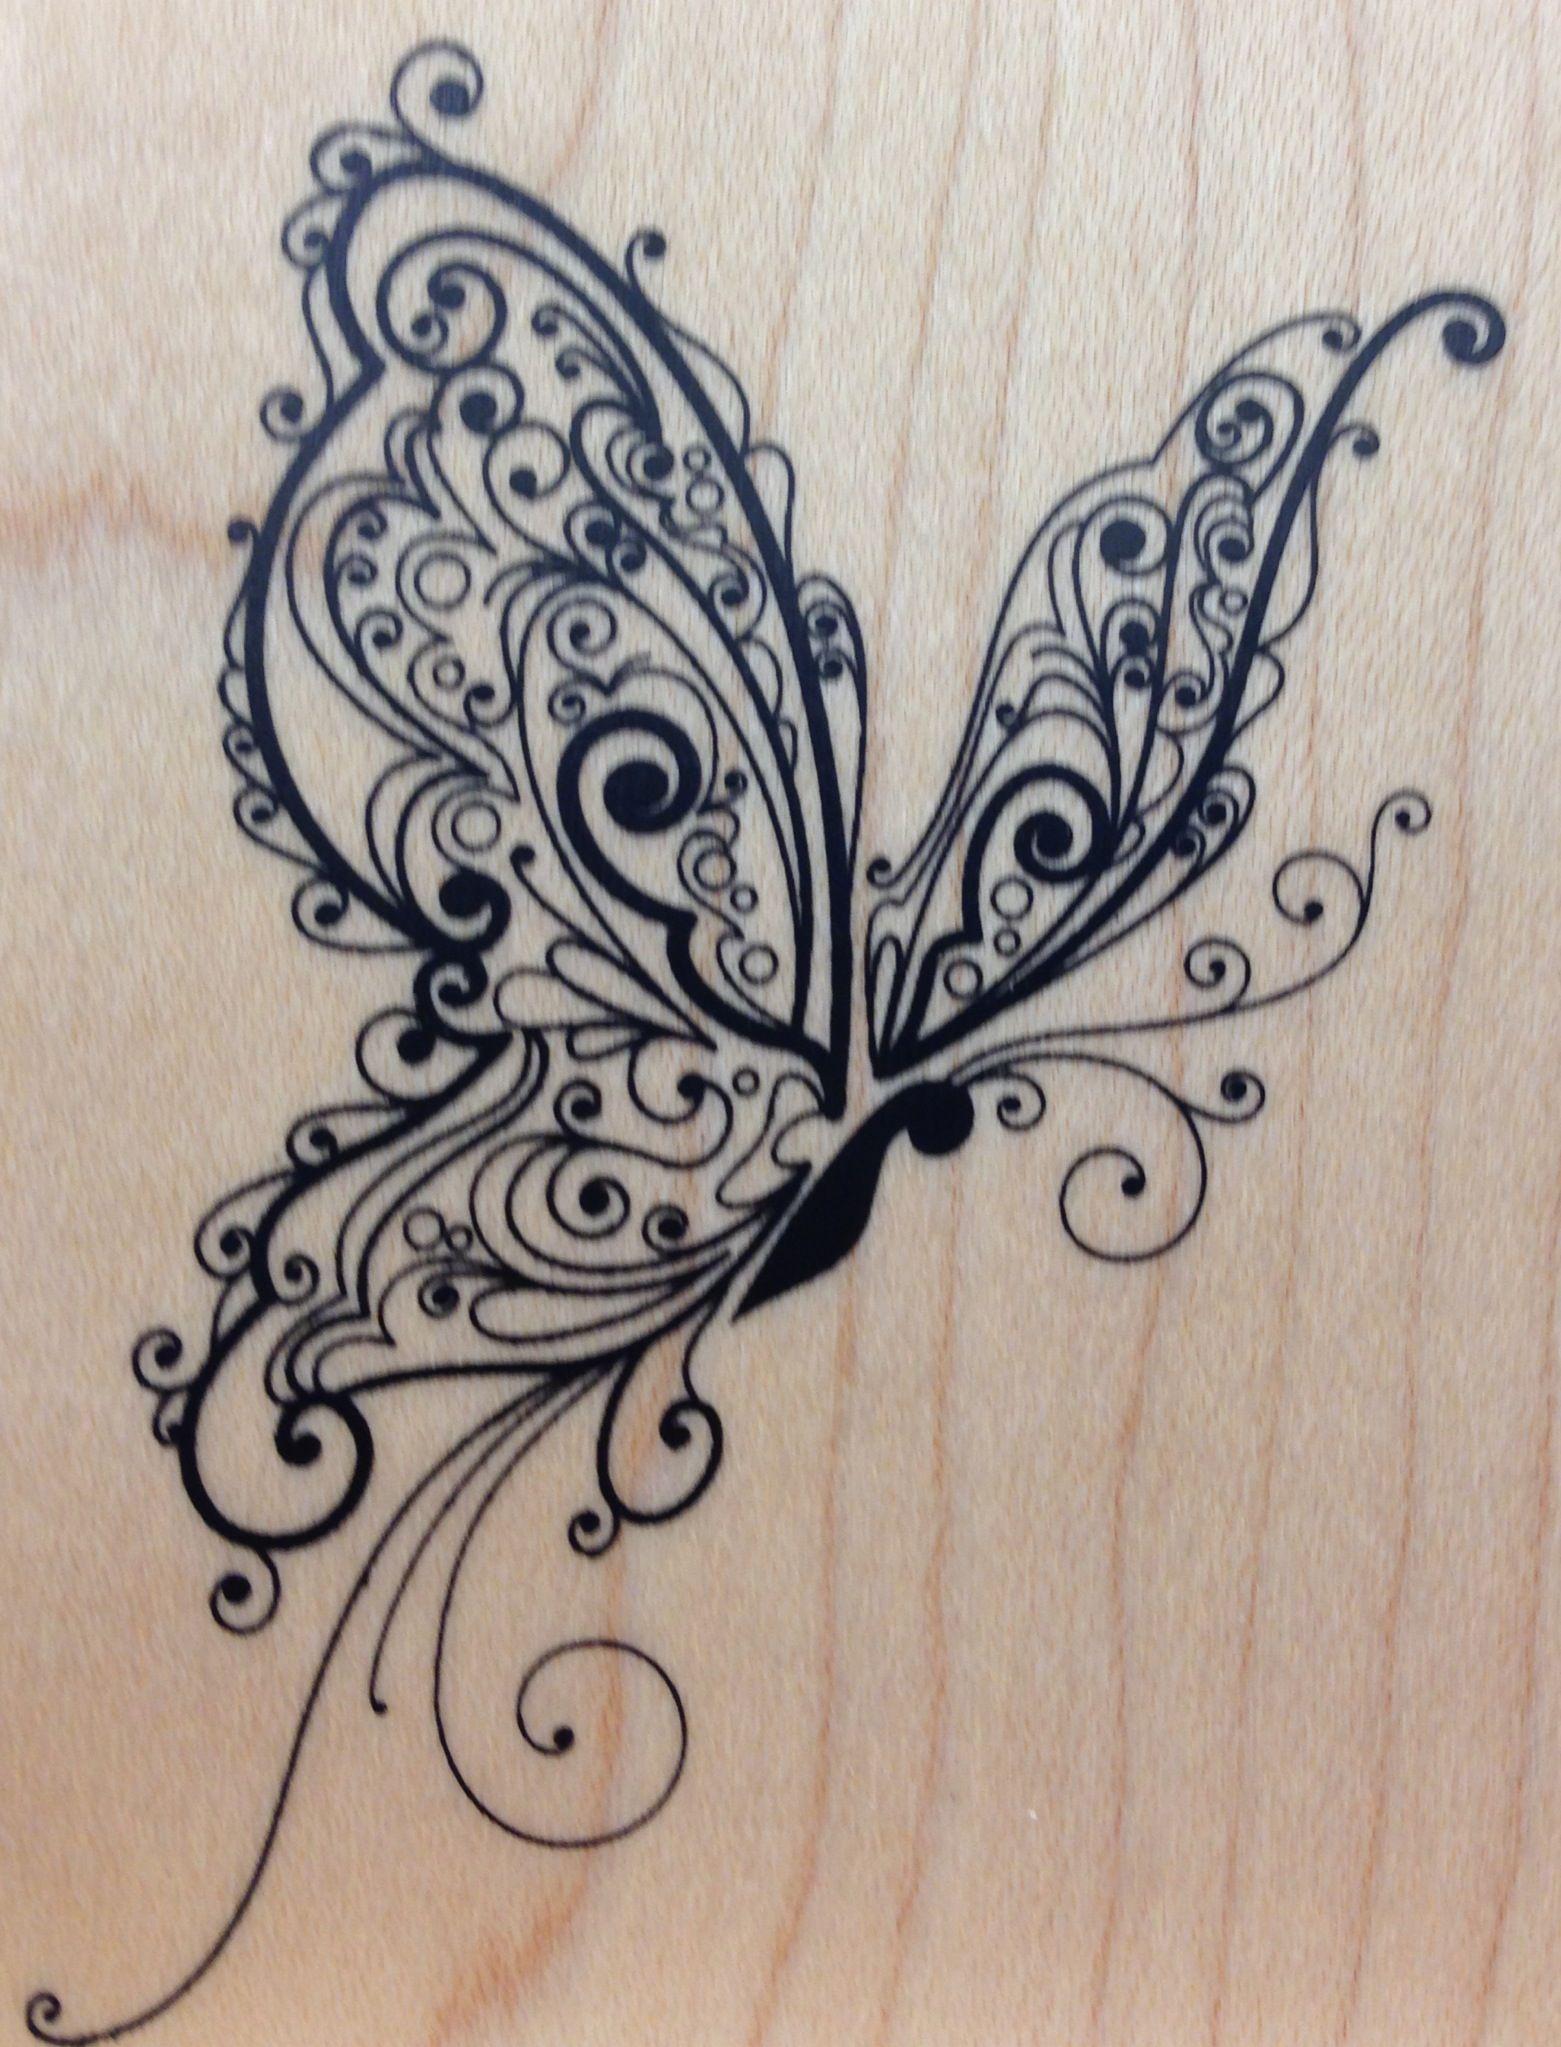 43 Ideen Fur Tattoovorlagen Und Ihre Symbolische 11